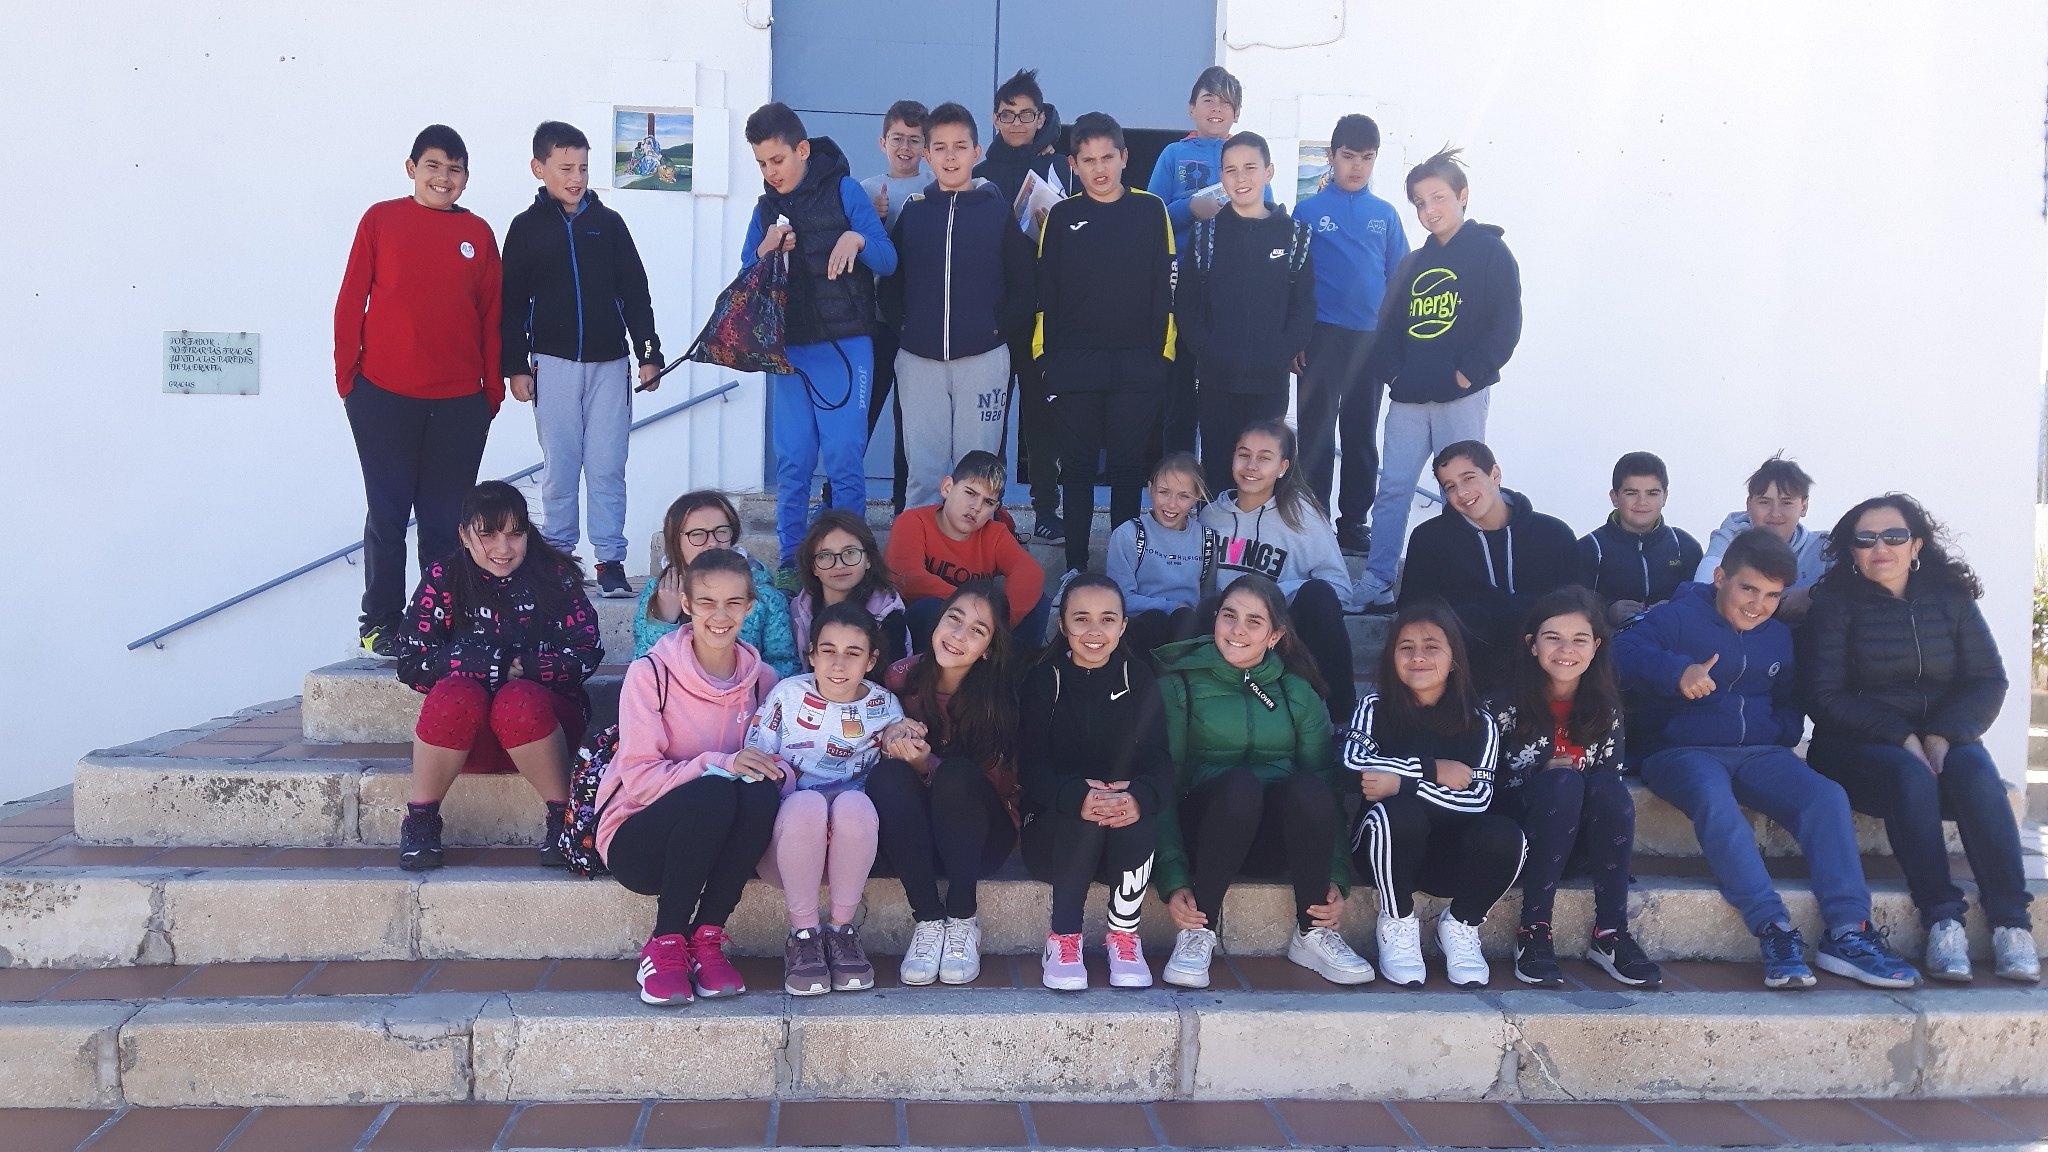 (2019-04-11) Visita ermita alumnos Pilar - 6 primaria -  9 de Octubre - María Isabel Berenguer (04)